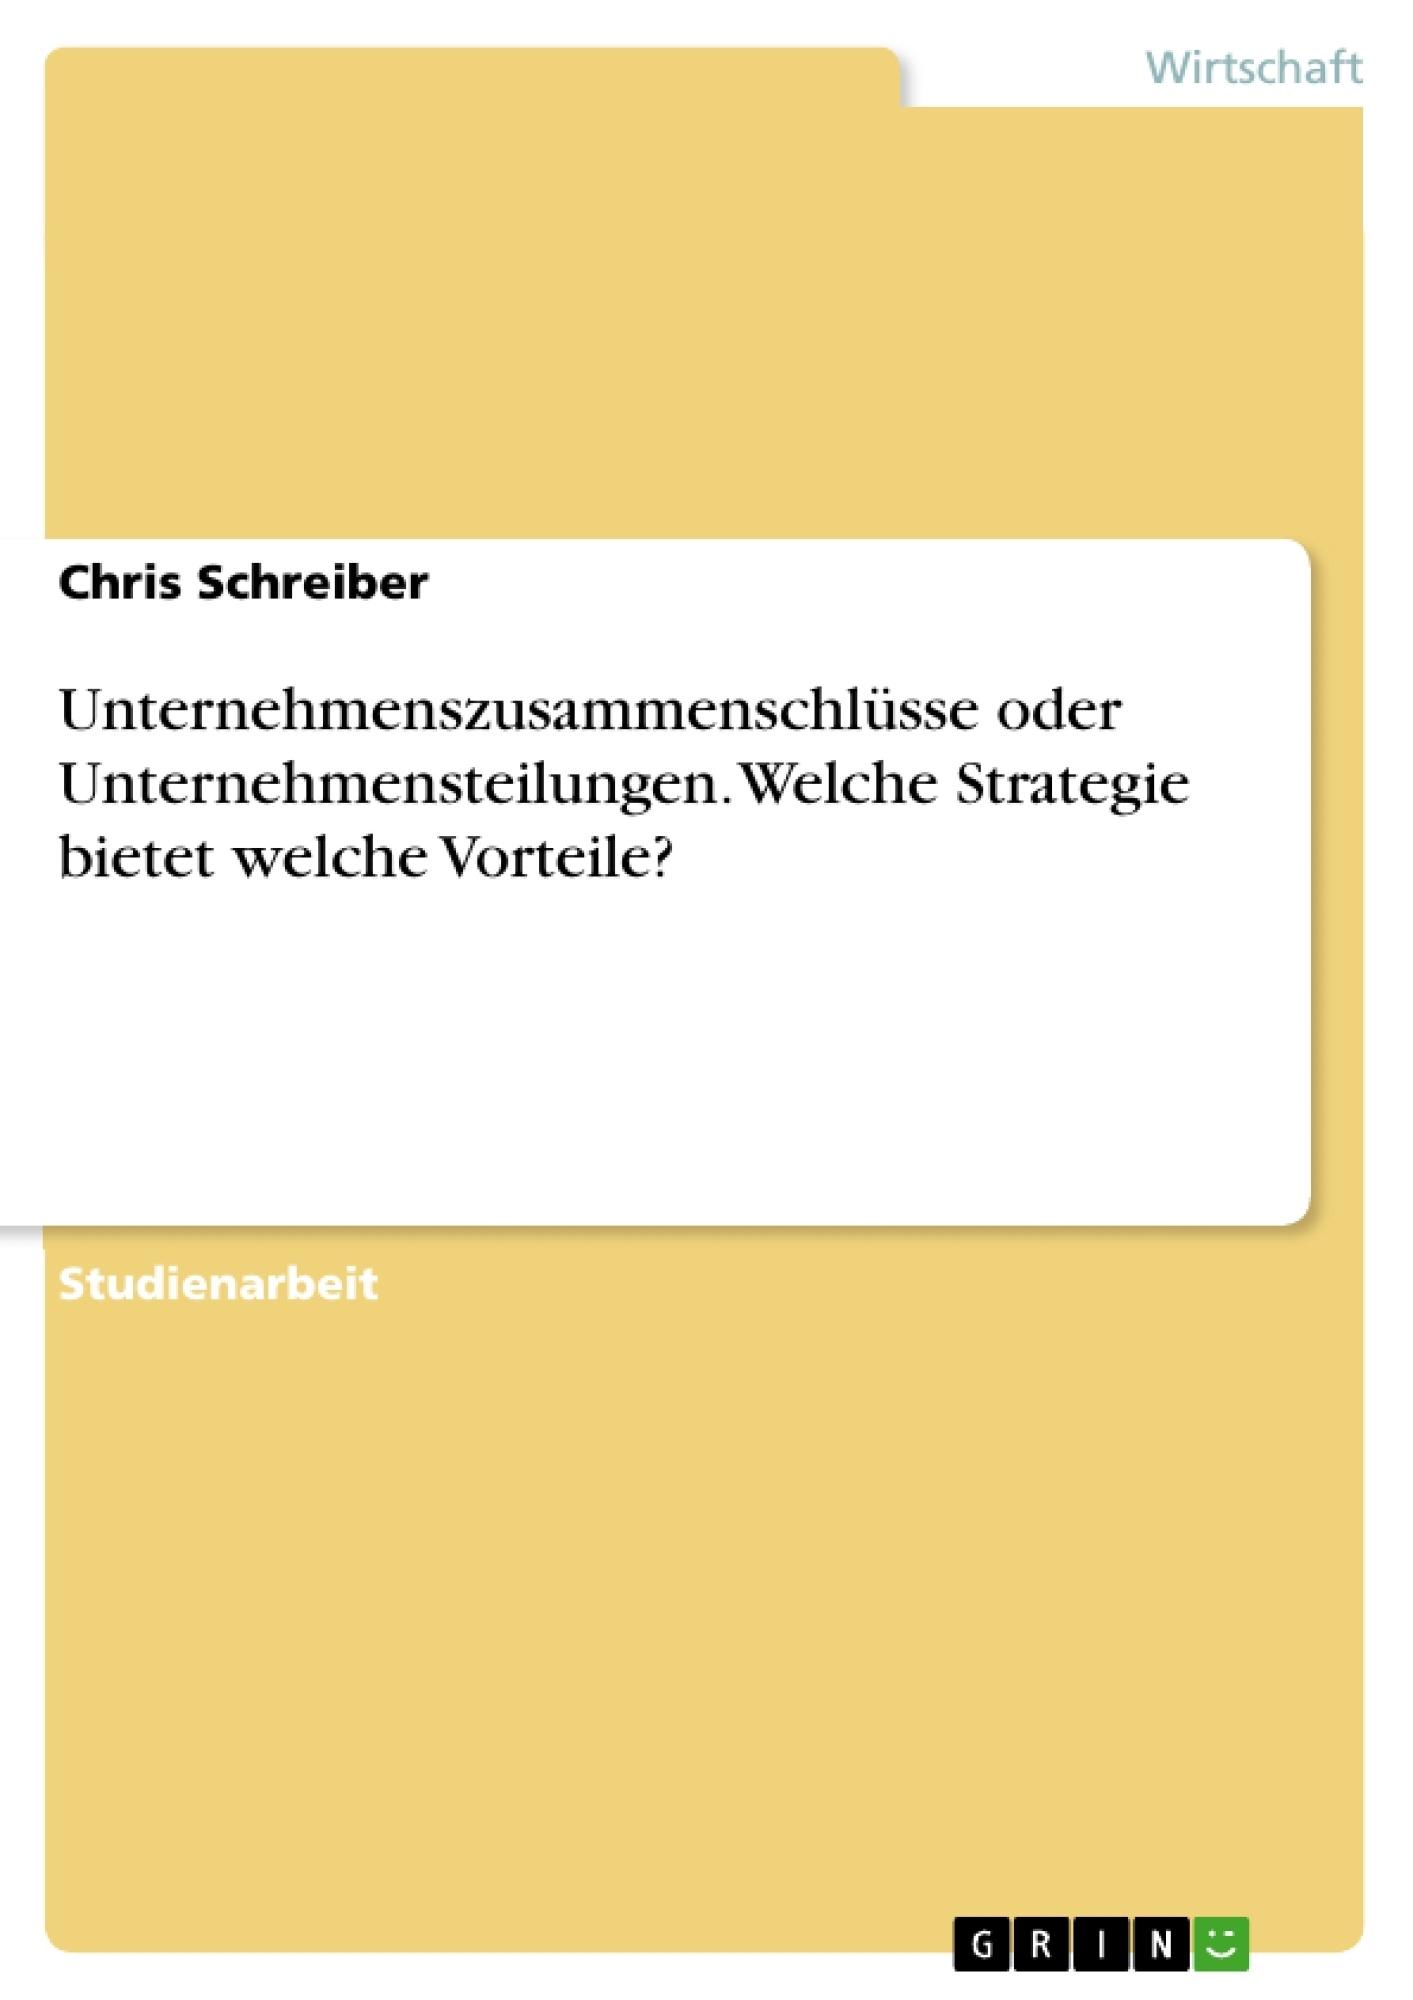 Titel: Unternehmenszusammenschlüsse oder Unternehmensteilungen. Welche Strategie bietet welche Vorteile?